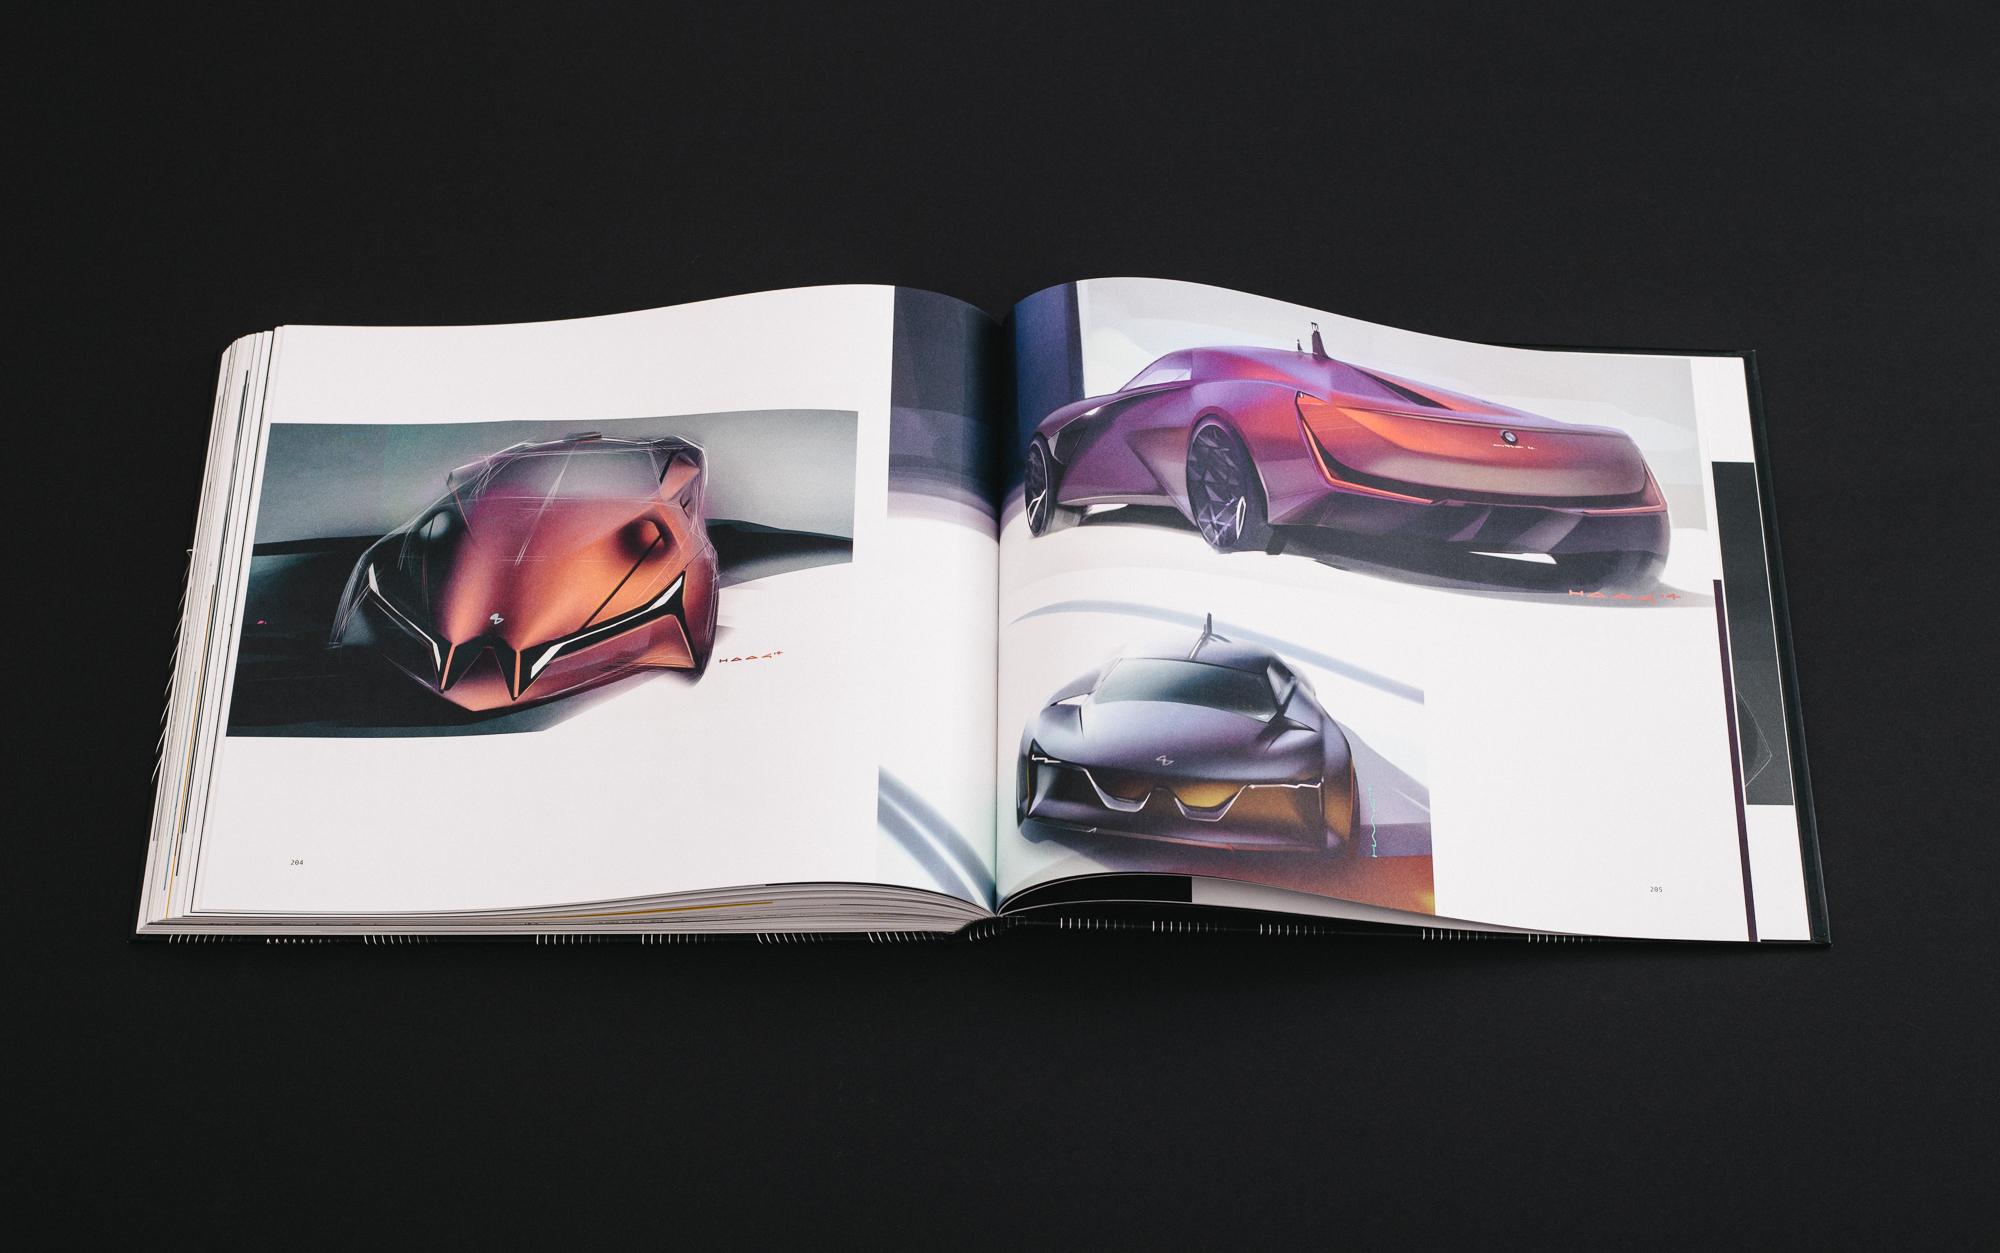 """Mit seinem Buch """"Driven"""" will Marek Simko die Konzeptstudien einem größeren Publikum zugänglich machen. Der hier gezeigte Entwurf stammt von Lukas Haag von 2014 für das Jahr 2029."""